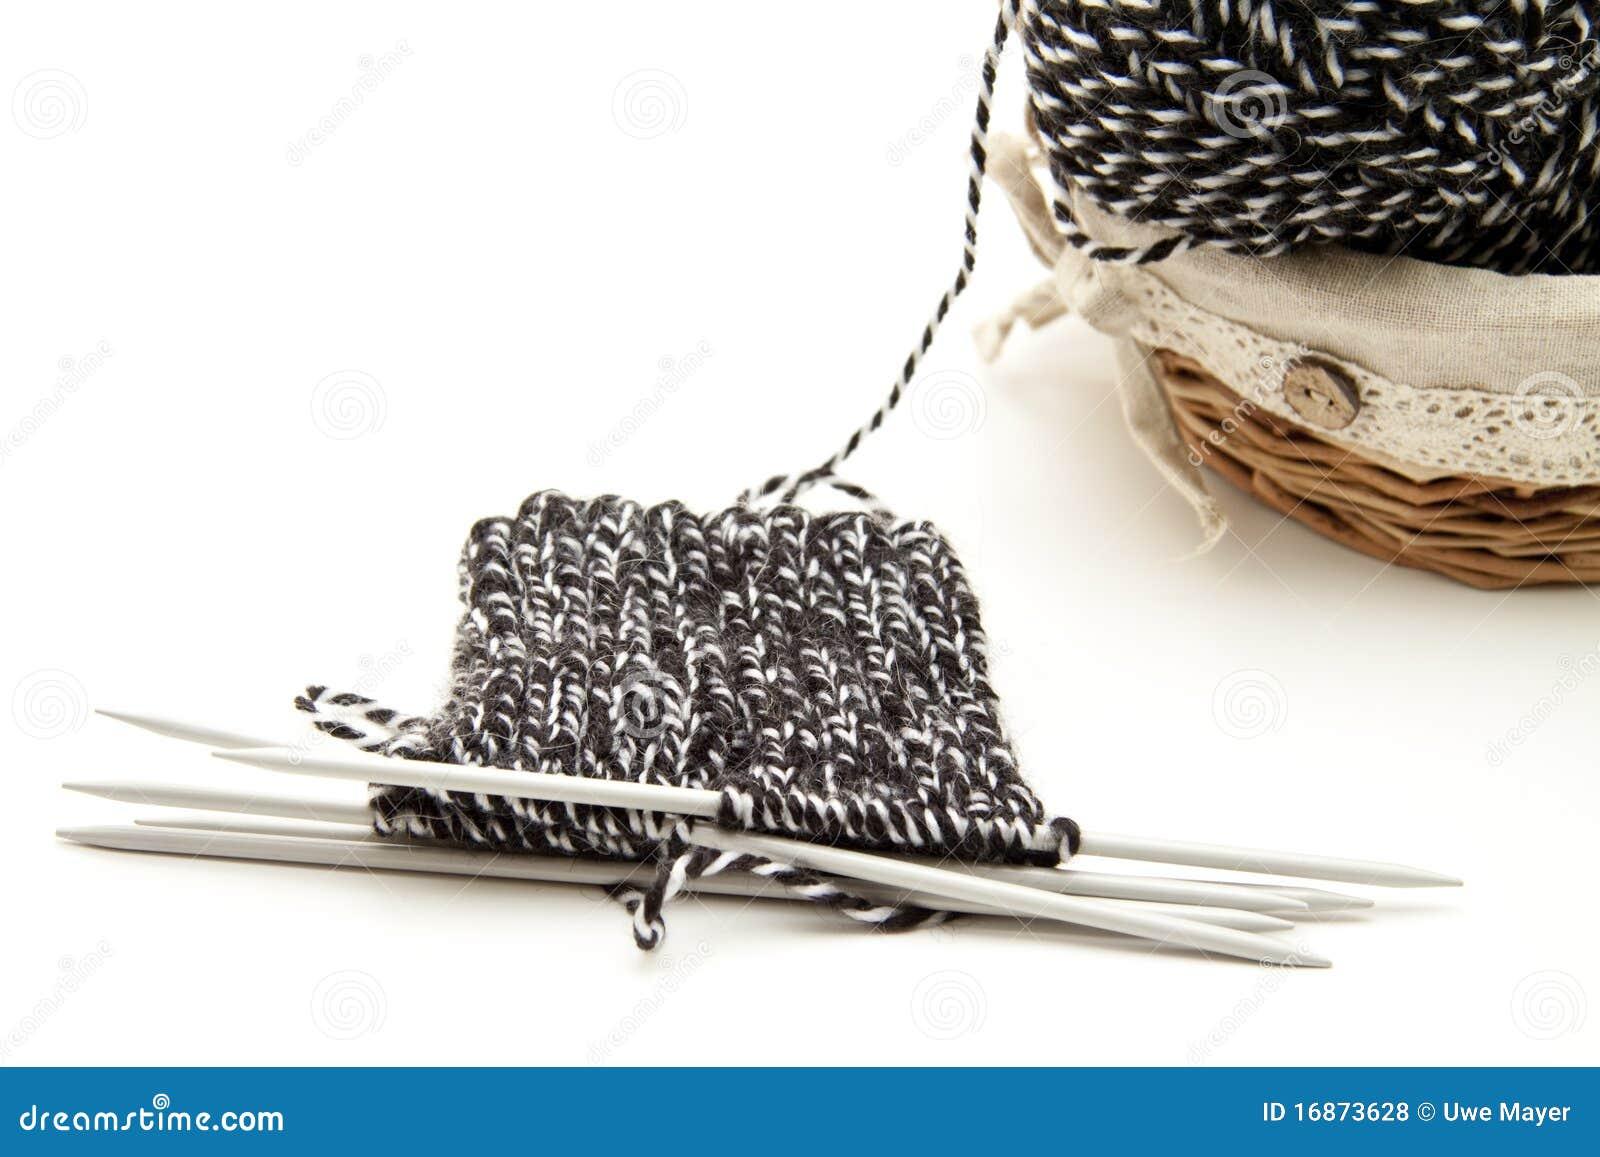 Queira com agulhas de confecção de malhas